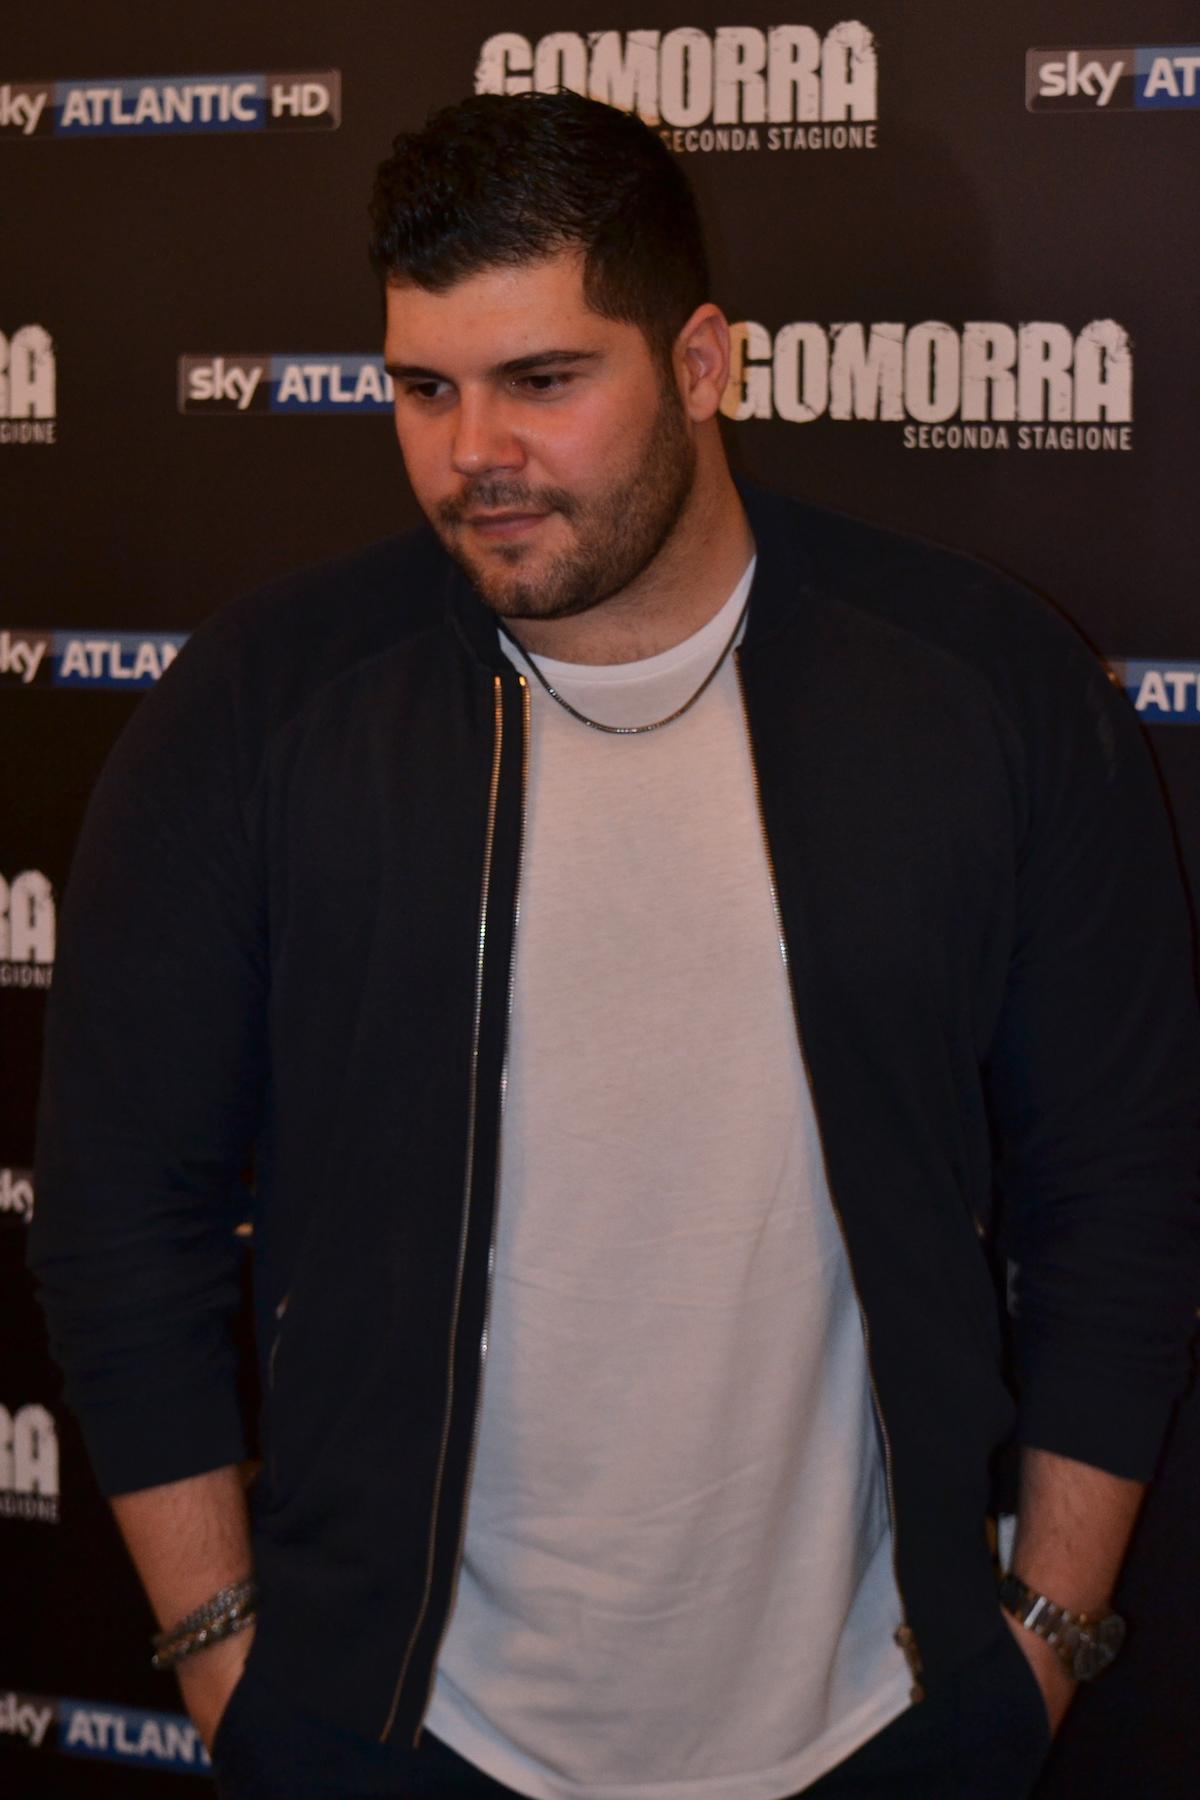 Gomorra seconda stagione: Salvatore Esposito al photocall della seconda stagione